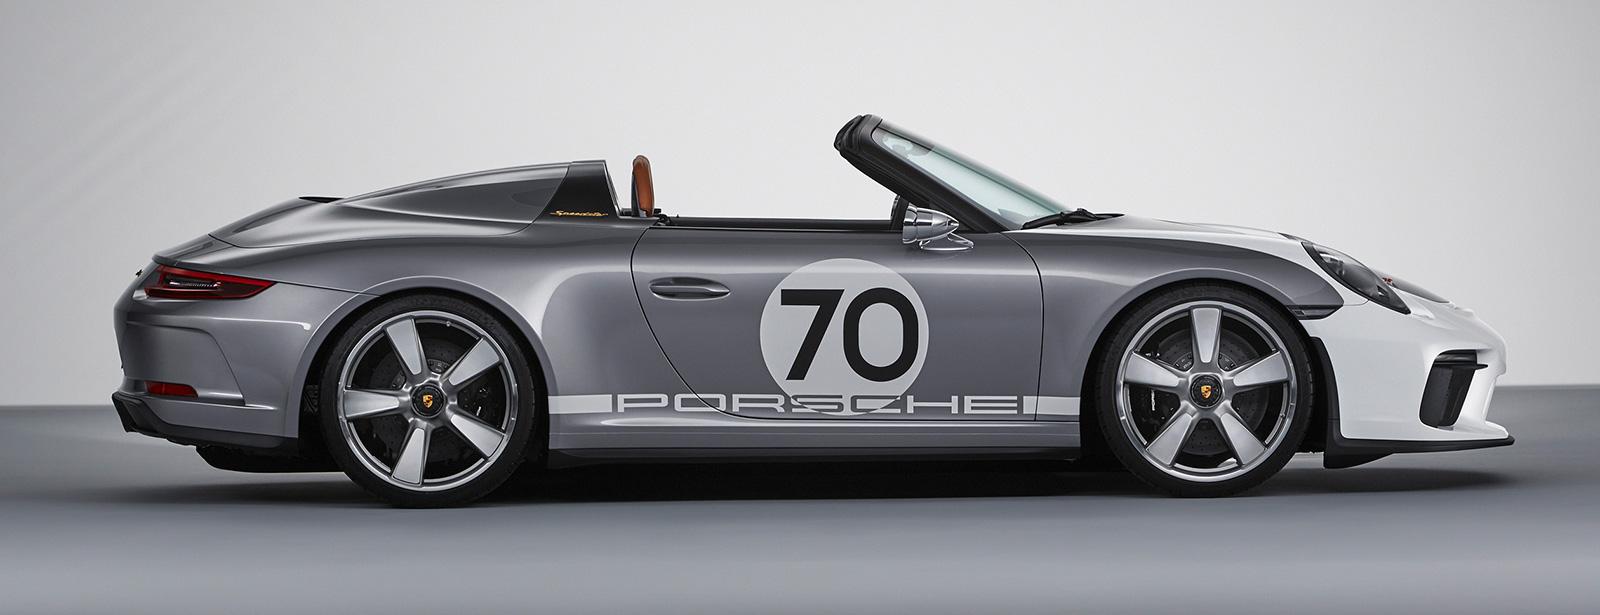 Banco de dados para imprensa da Dr. Ing. h.c. F. Porsche AG 91d59d7e95